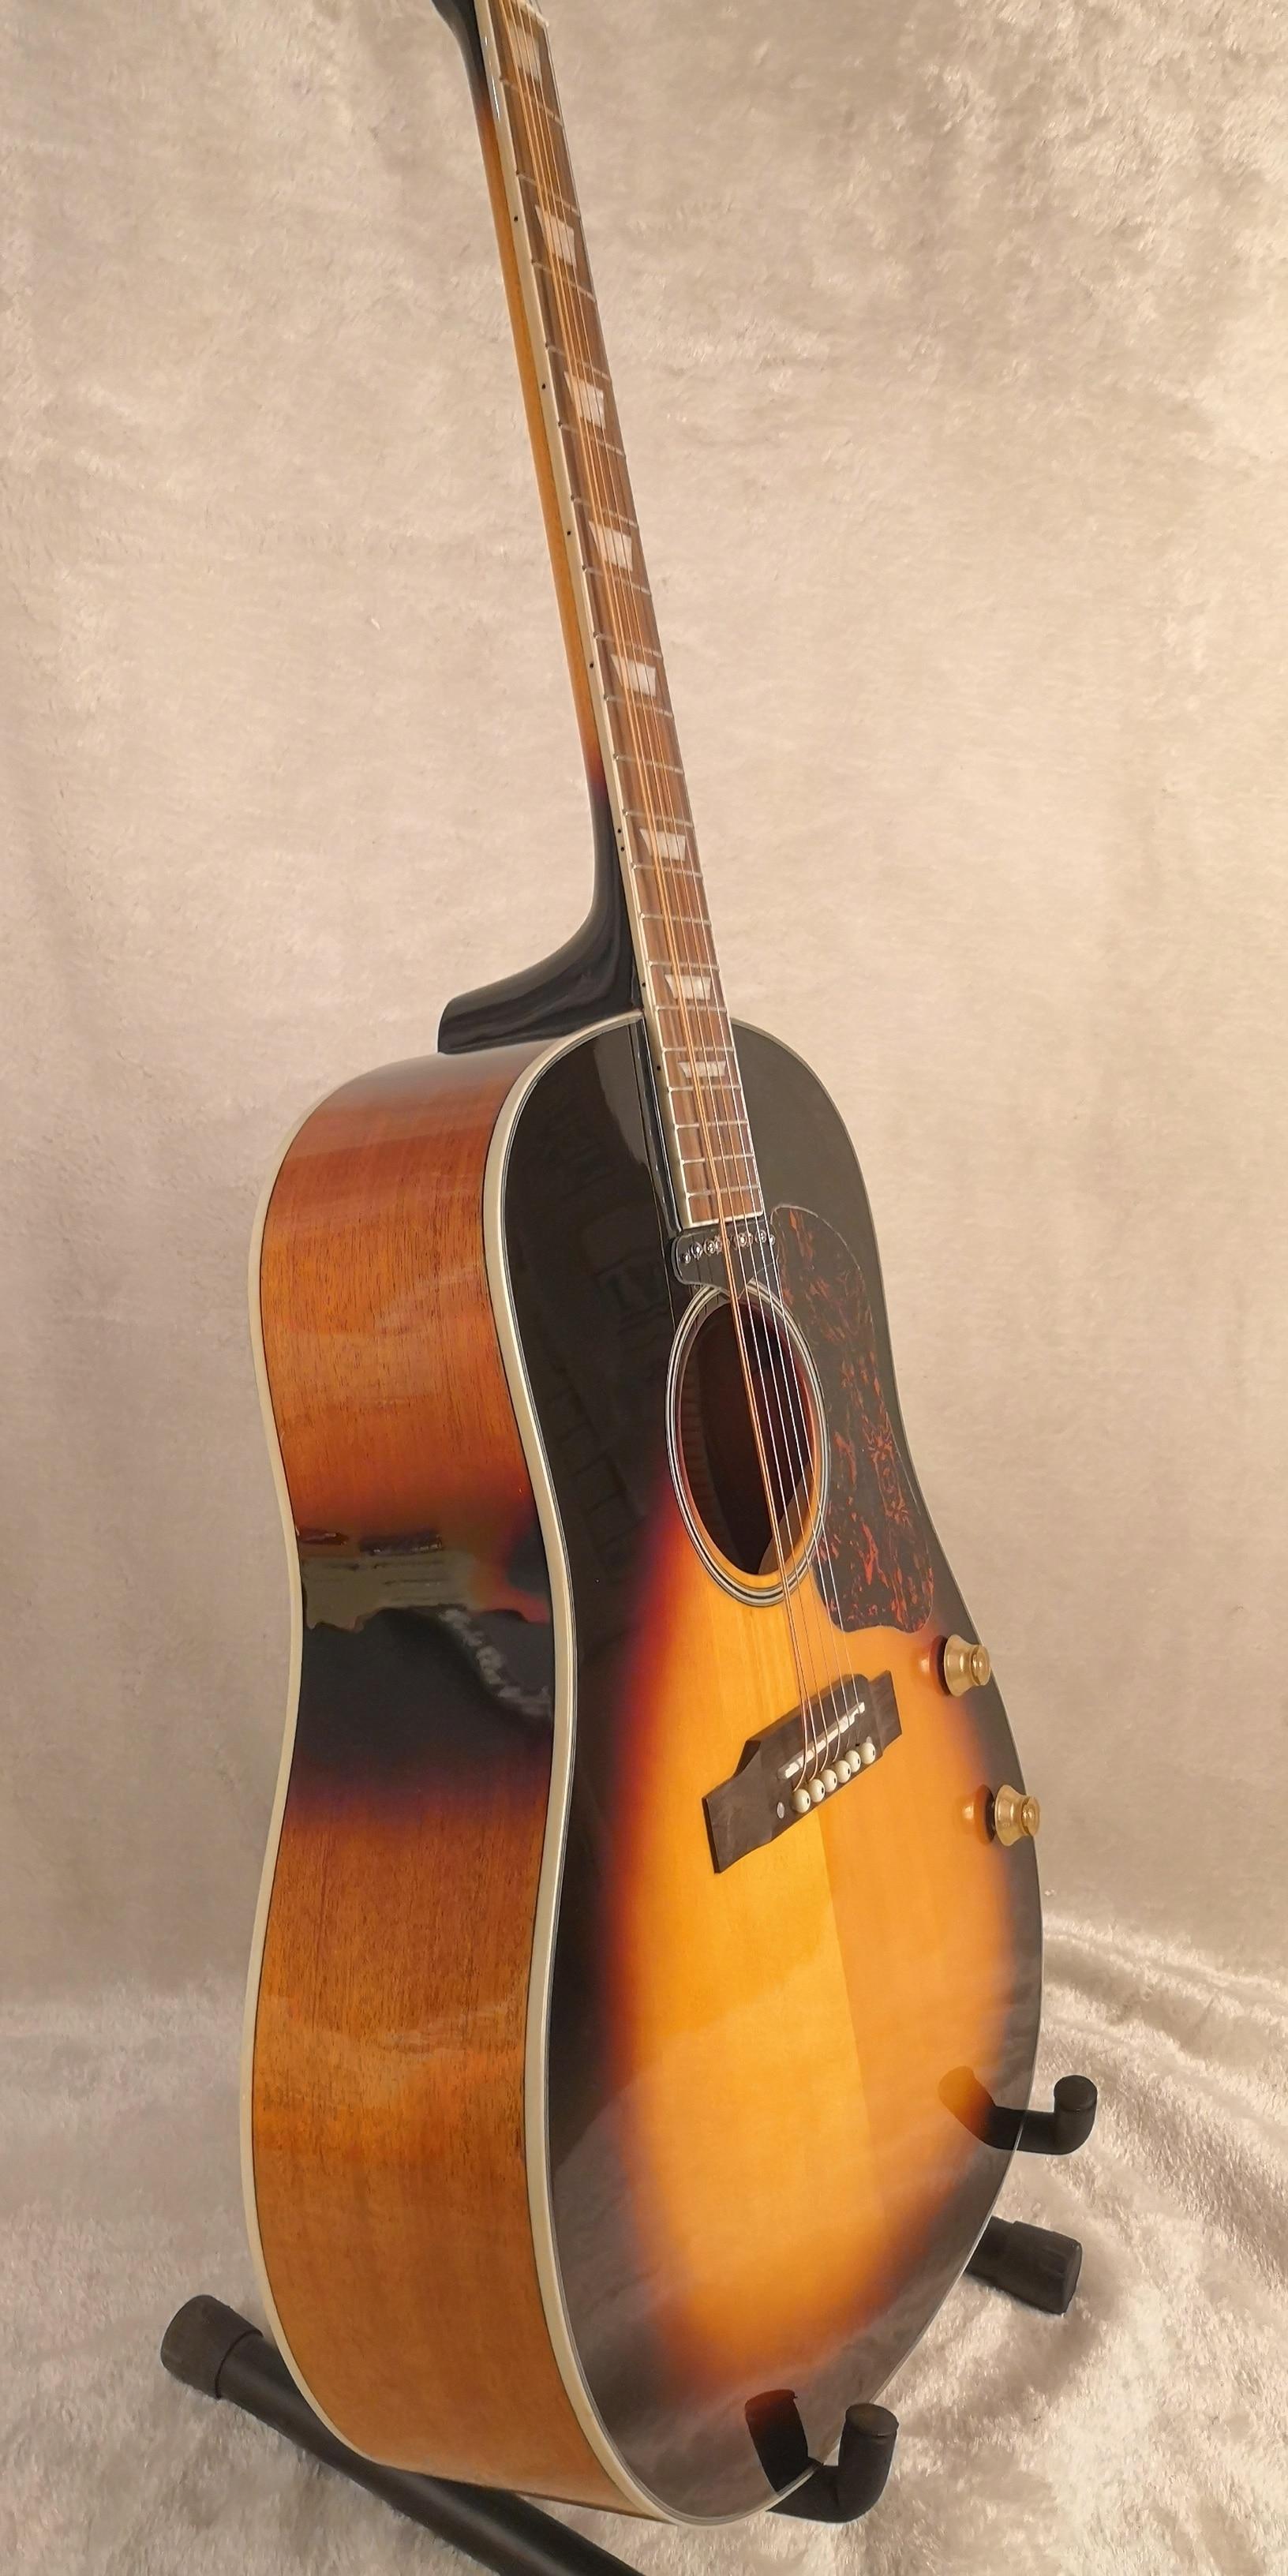 160E marque guitare acoustique personnalisée livraison gratuite